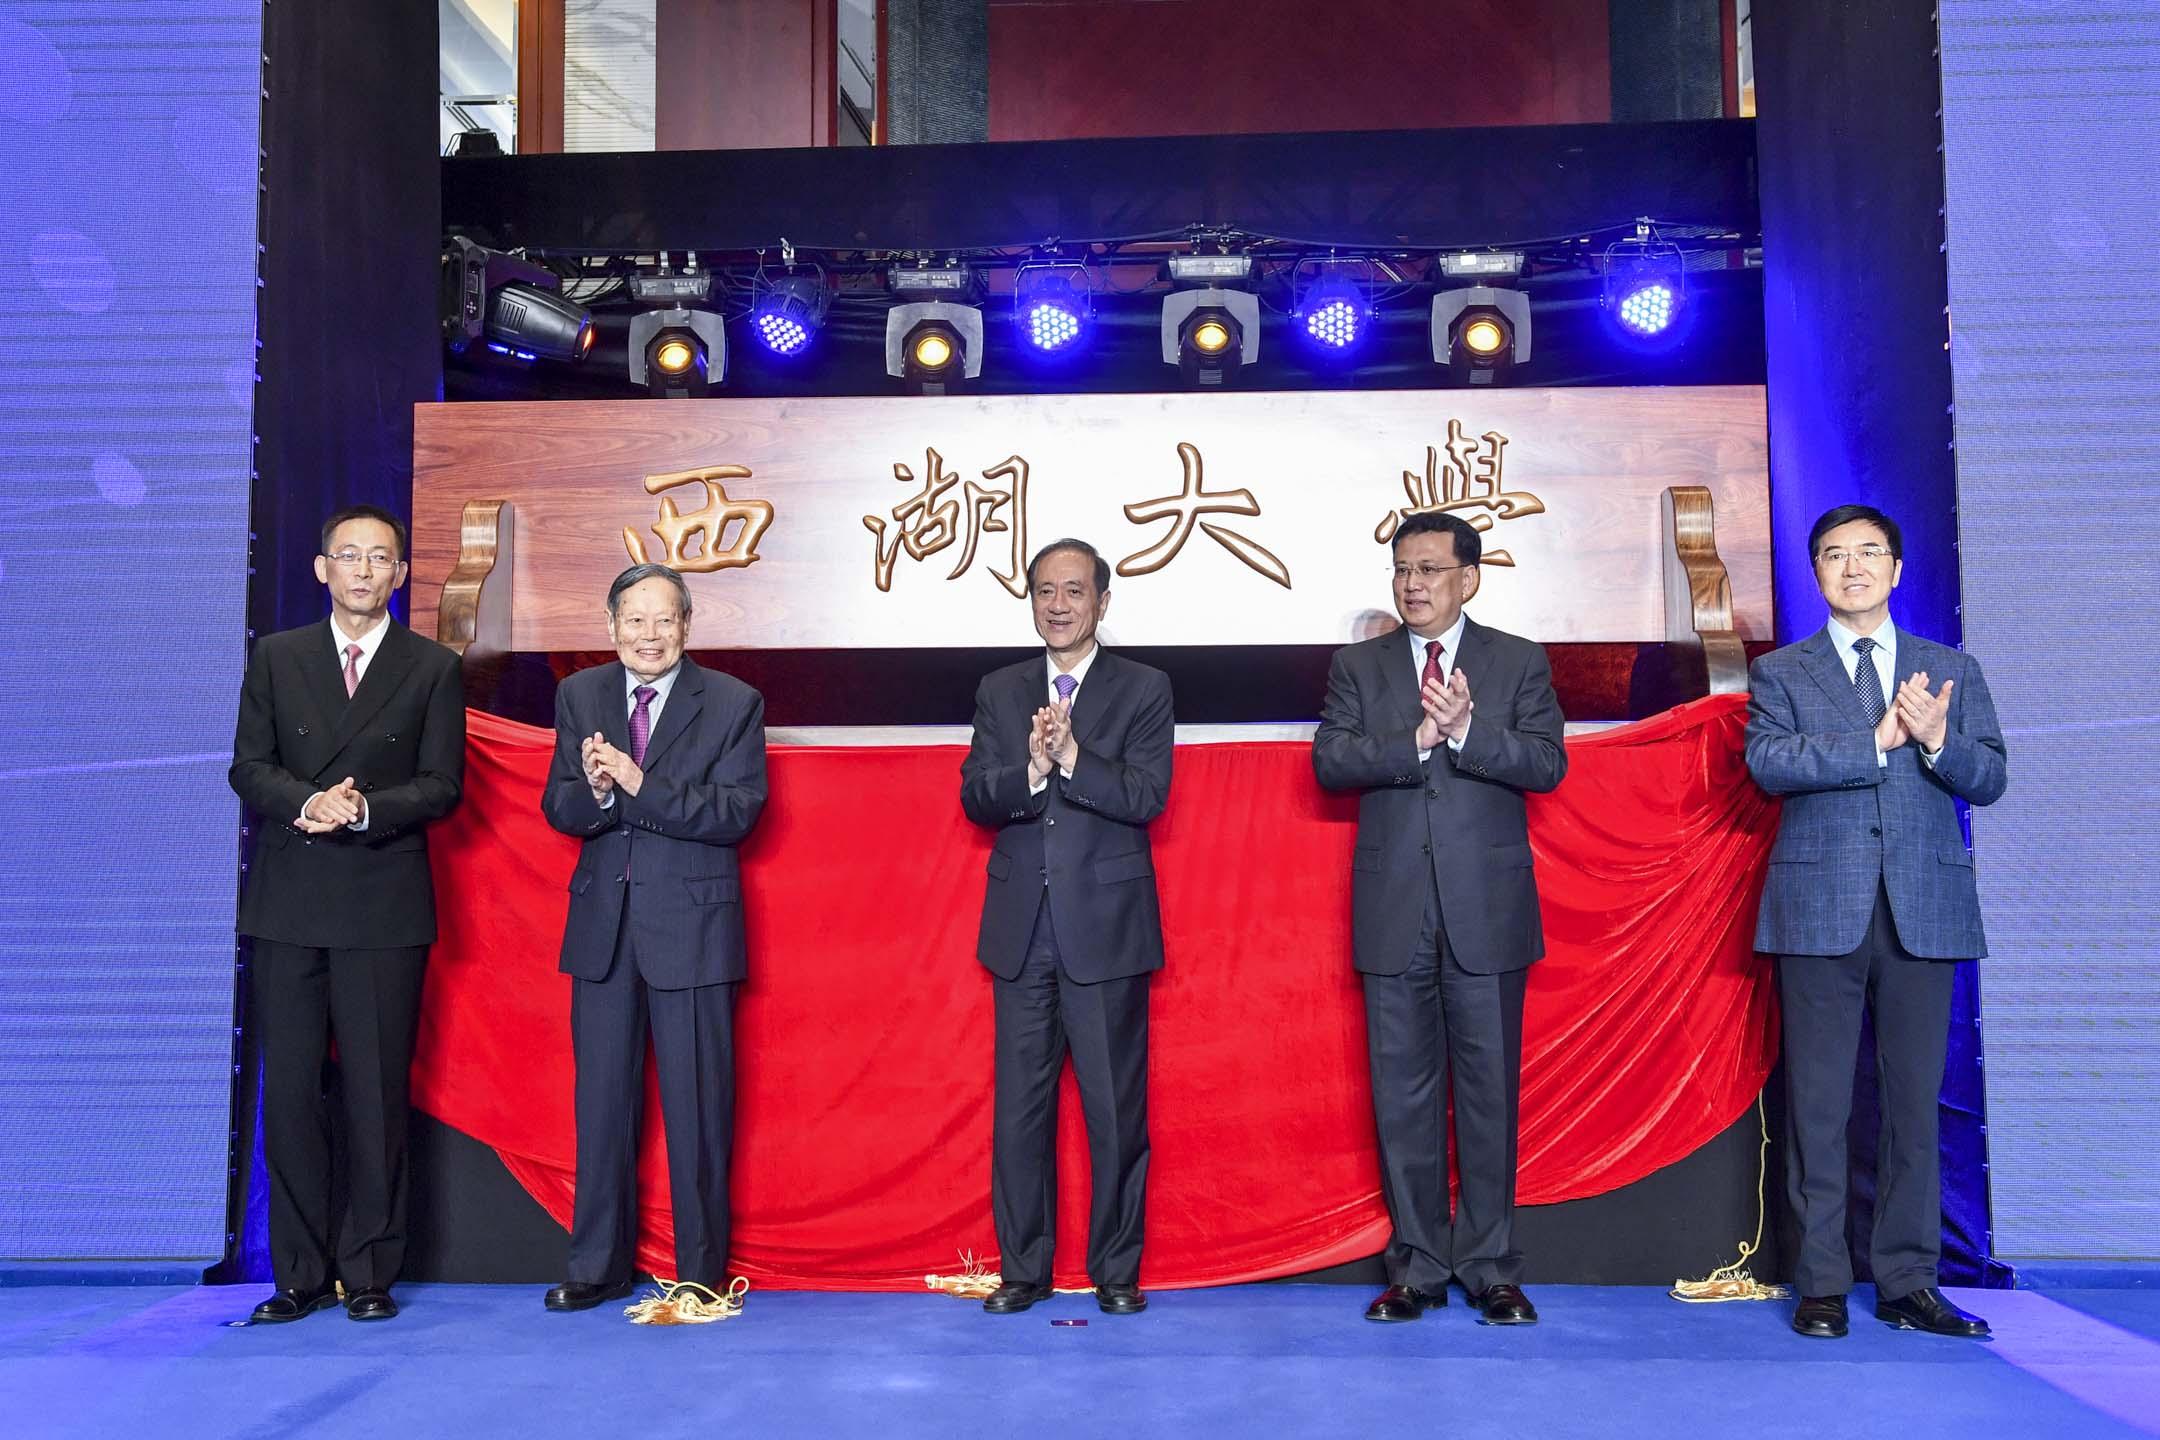 2018年10月20日,西湖大學成立大會在杭州舉行,韓啟德、袁家軍、杜玉波、楊振寧、施一公共同為西湖大學揭牌。 攝:Imagine China